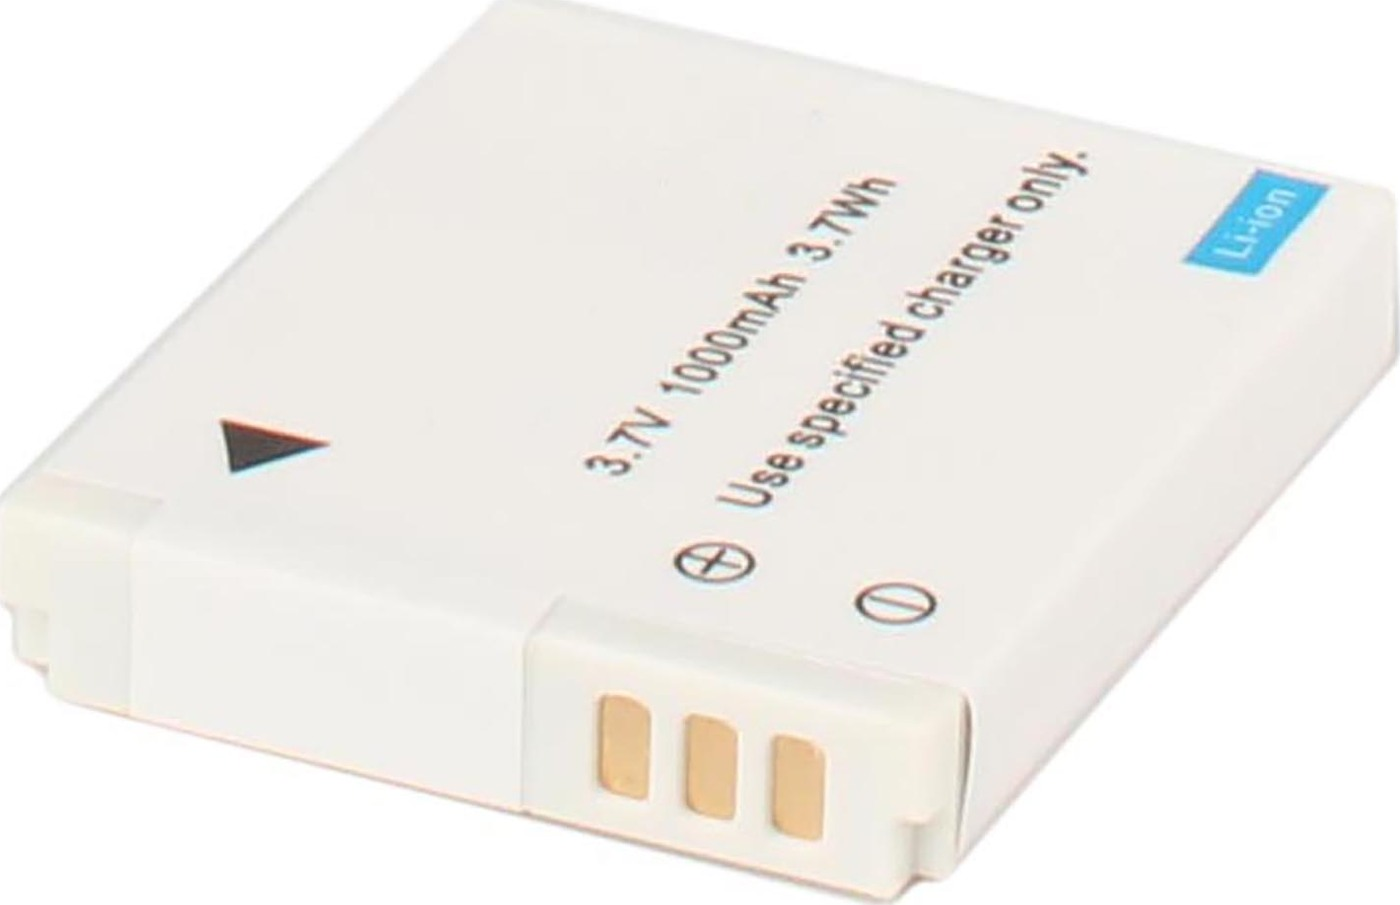 Аккумуляторная батарея iBatt iB-T3-F120 1000mAh для камер Canon Digital IXUS 200 IS, PowerShot S90, PowerShot S200, Digital IXUS 105, PowerShot SX500 HS, Digital IXUS 210, Digital IXUS 310 HS, Digital IXUS 300 HS, PowerShot SD3500 IS,